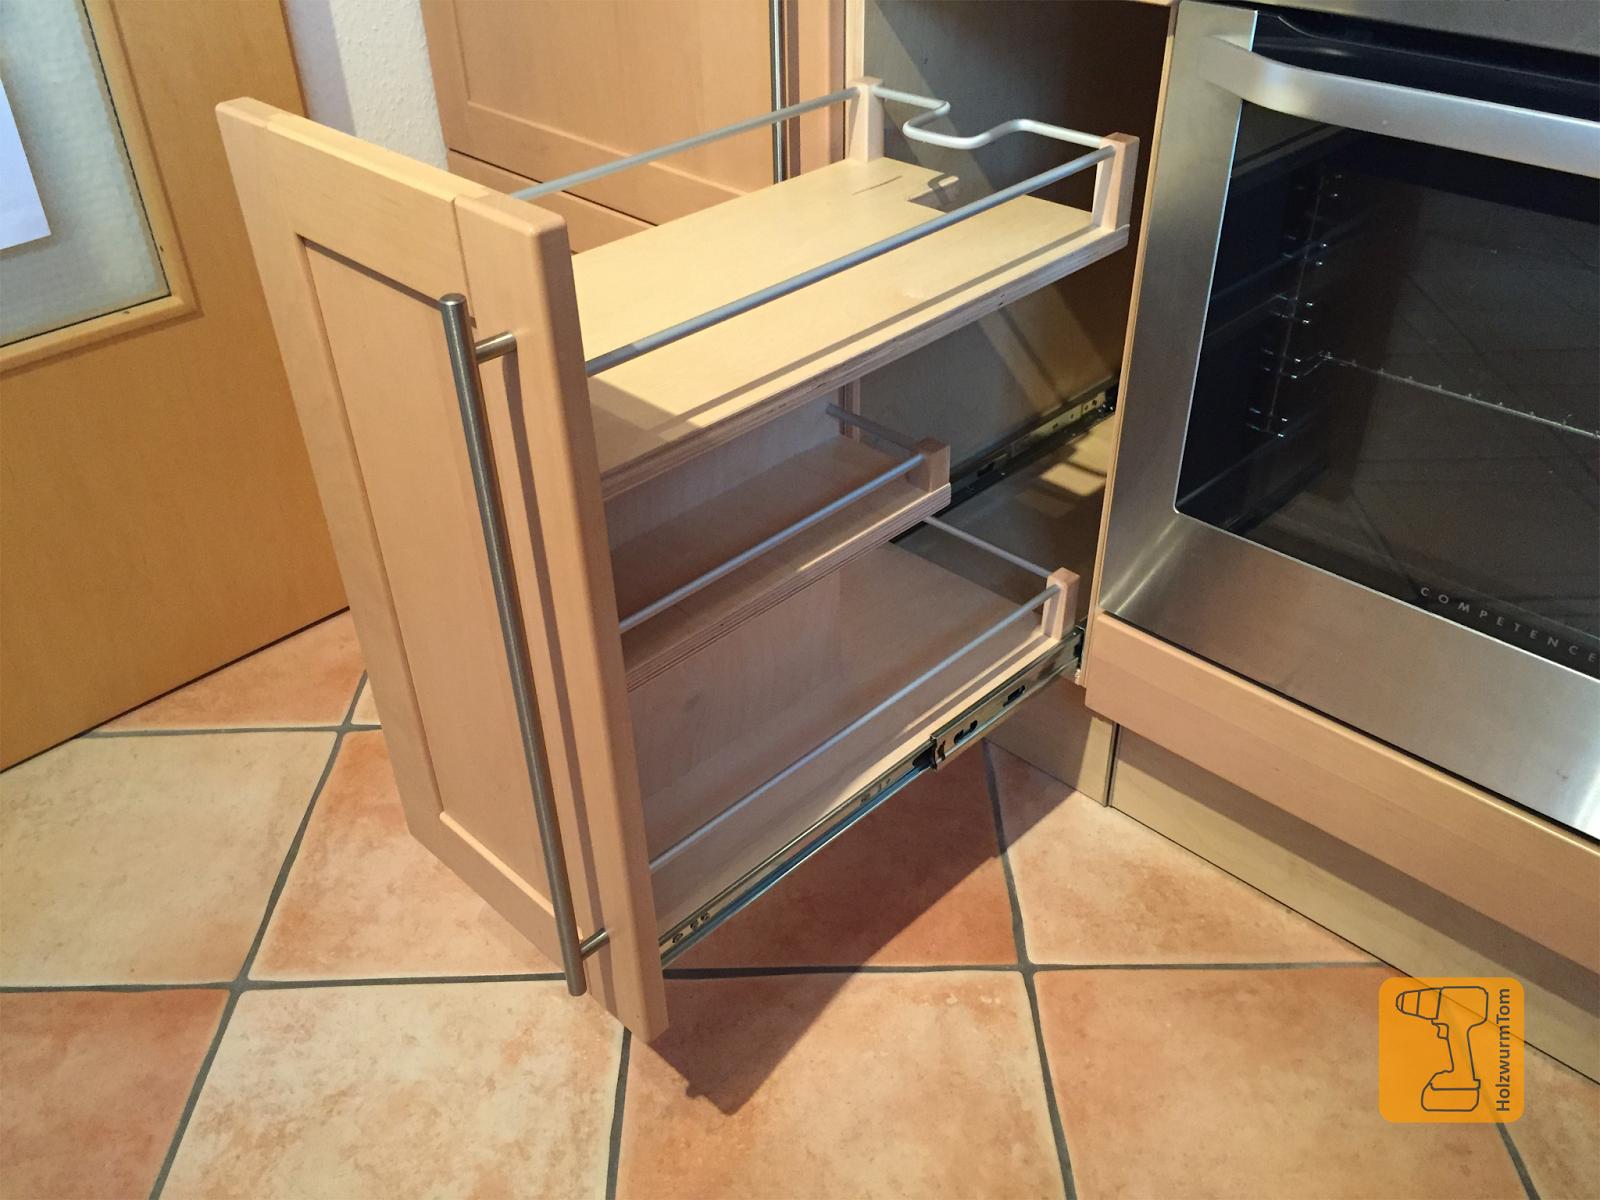 Küchen Unterschrank Umbauen – Home Sweet Home